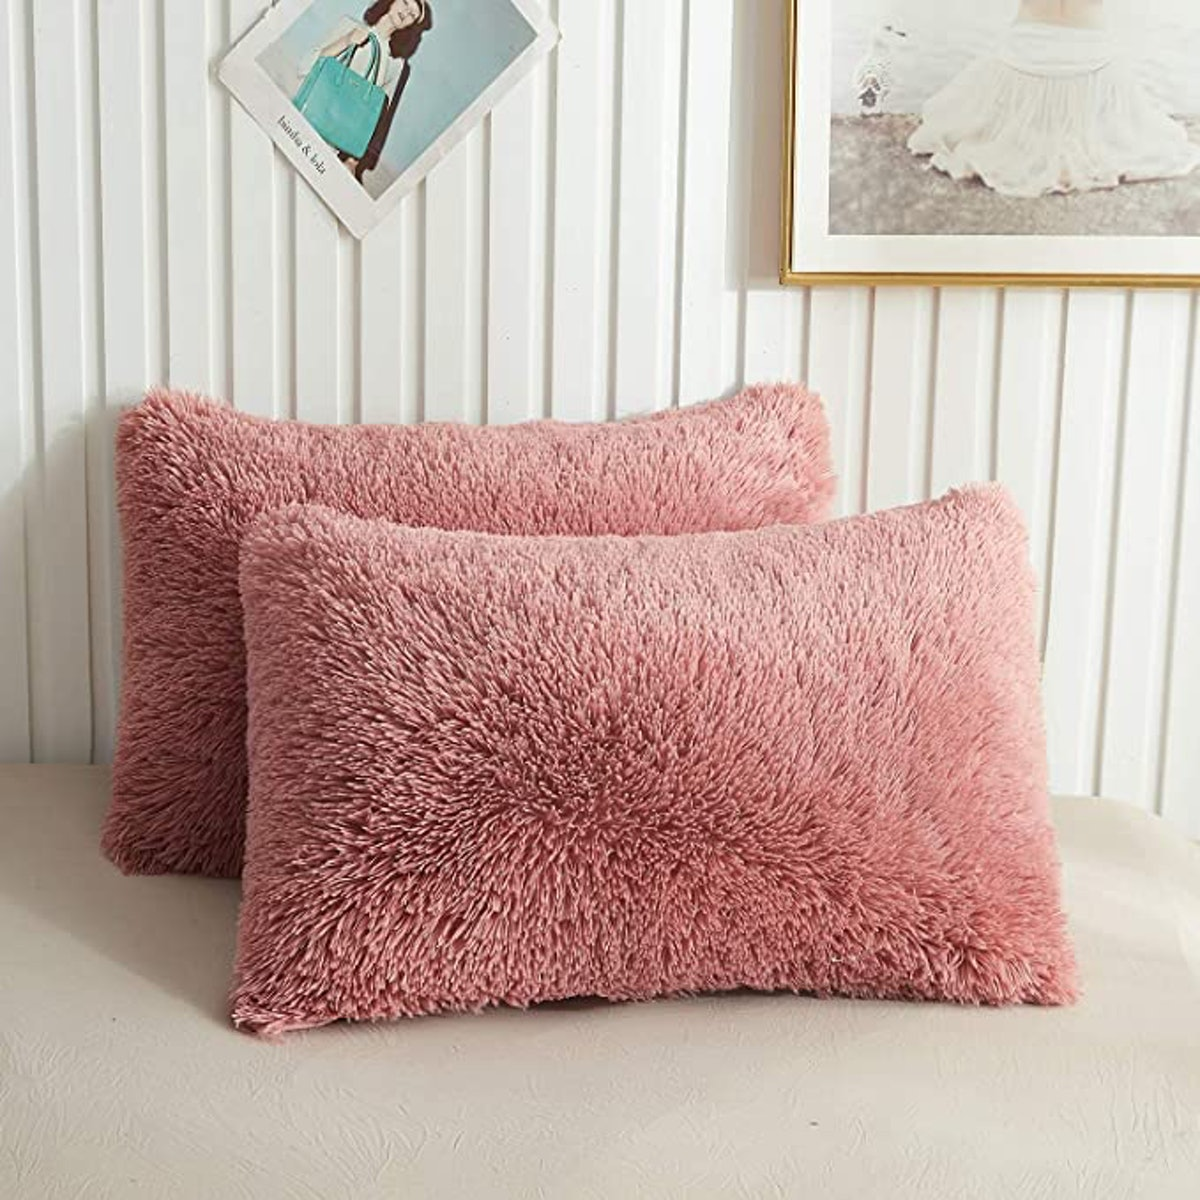 XeGe Faux Fur Throw Pillow Cases